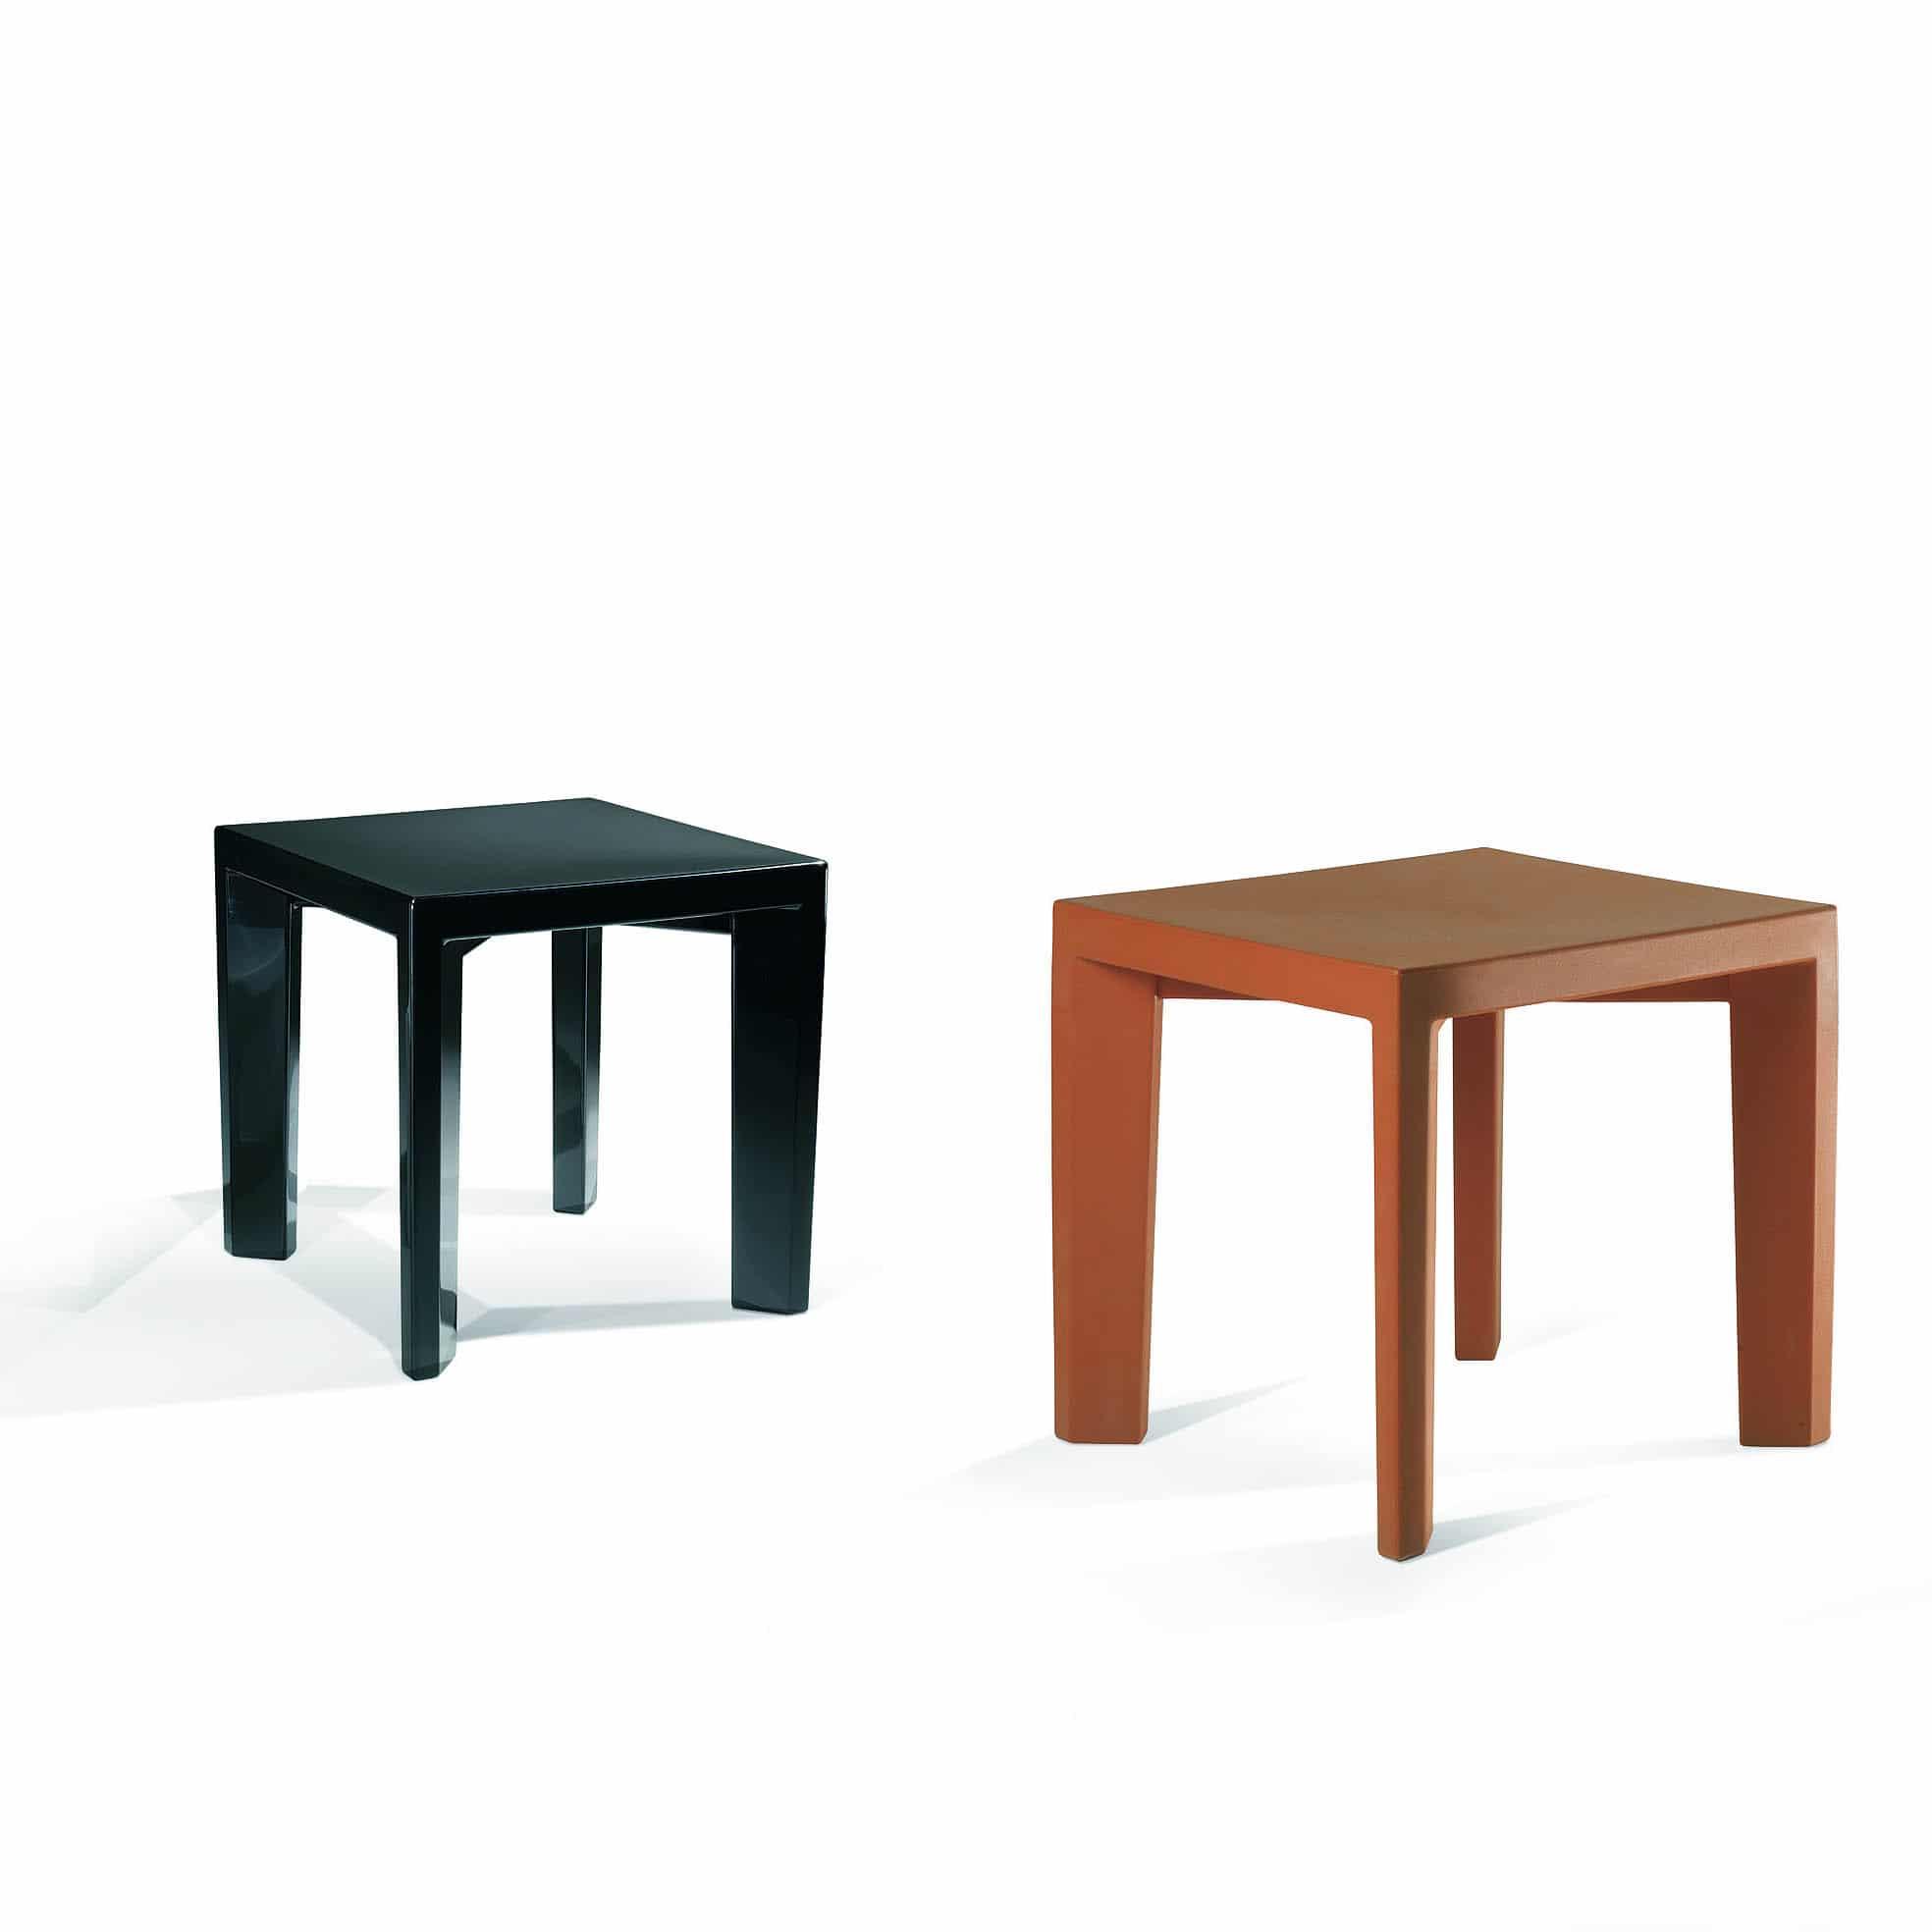 glas tisch cool glastisch esstisch kchentisch tafeltisch. Black Bedroom Furniture Sets. Home Design Ideas